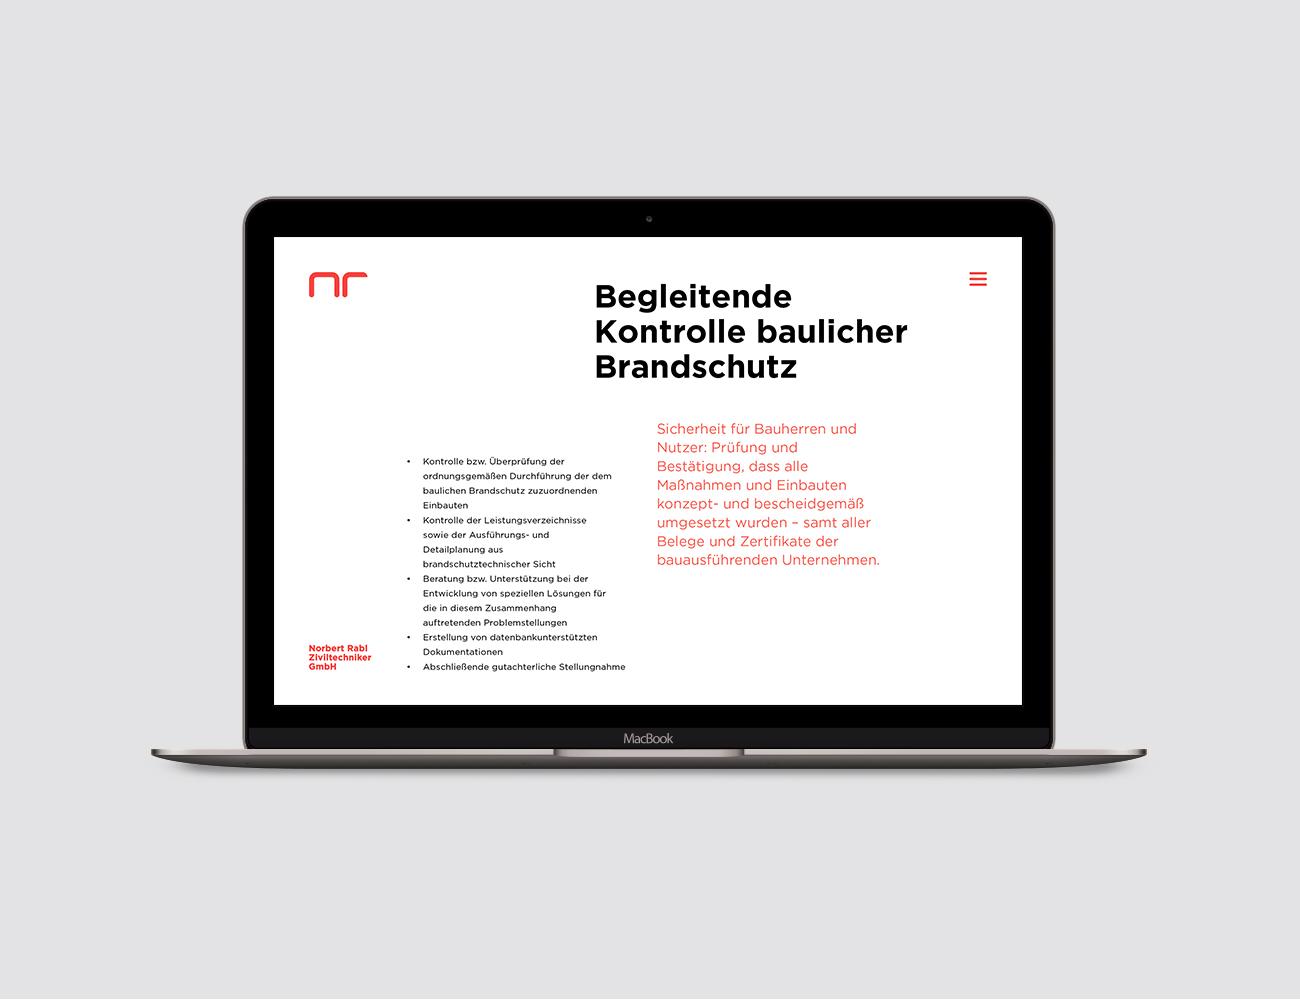 NR_Web_Macbook_Brandschutz